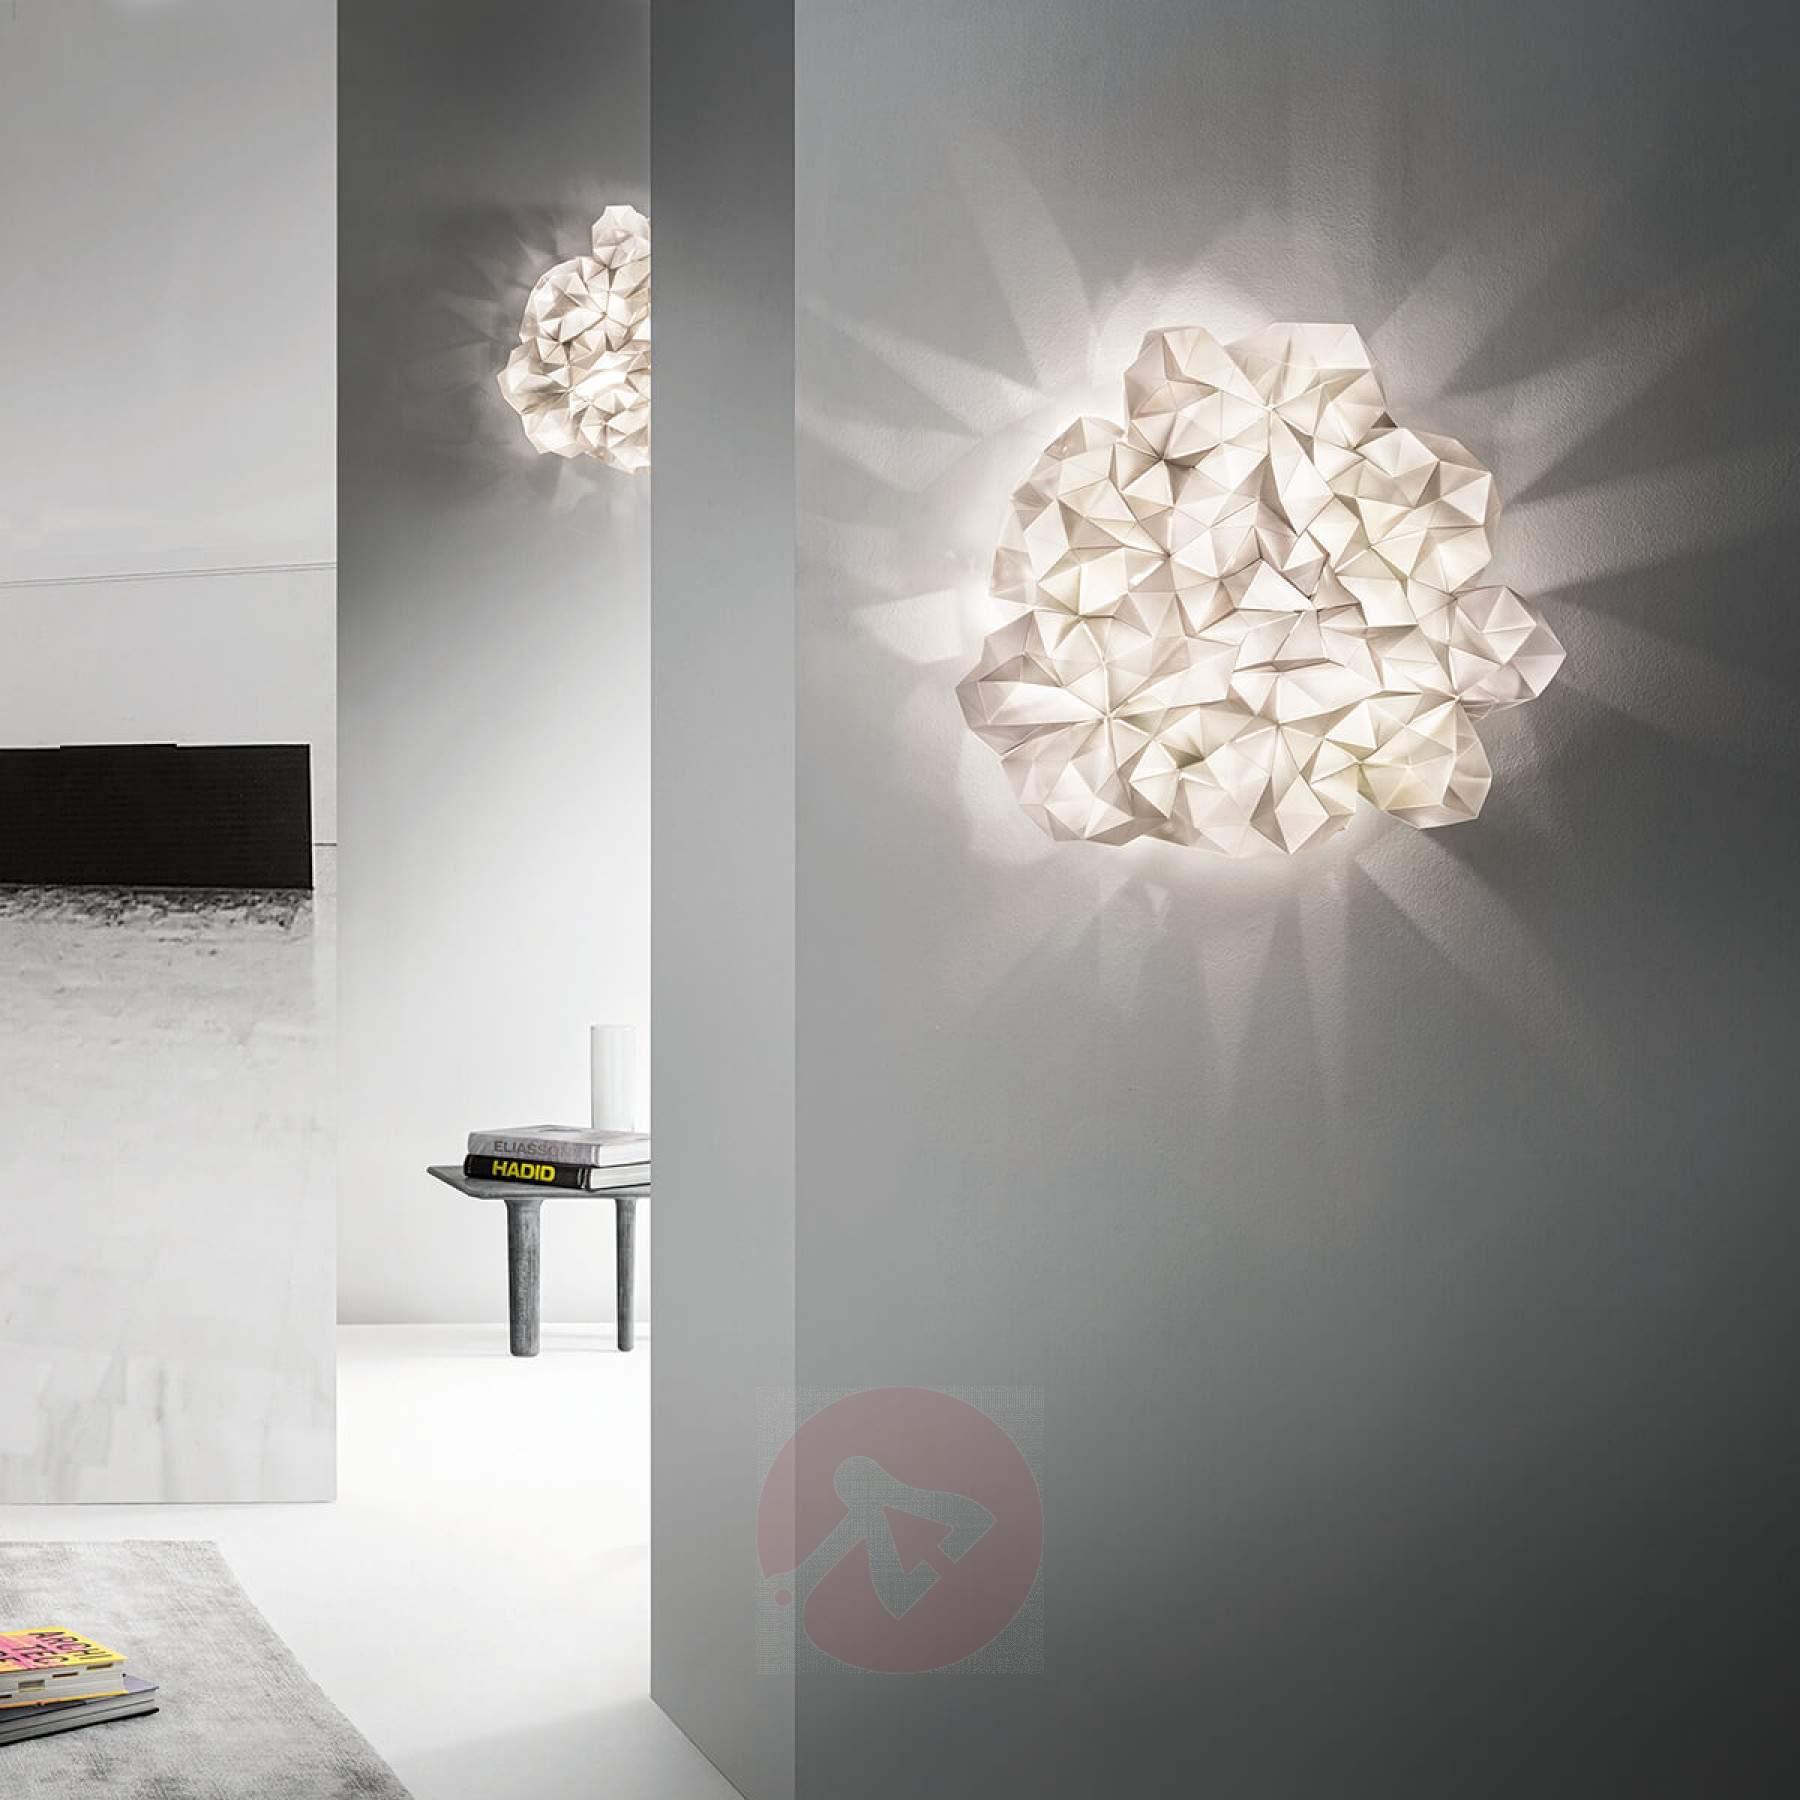 Full Size of Deckenleuchten Design Slamp Drusa Designer Deckenleuchte Kaufen Esstische Regale Bett Modern Bad Badezimmer Wohnzimmer Lampen Esstisch Küche Industriedesign Wohnzimmer Design Deckenleuchten